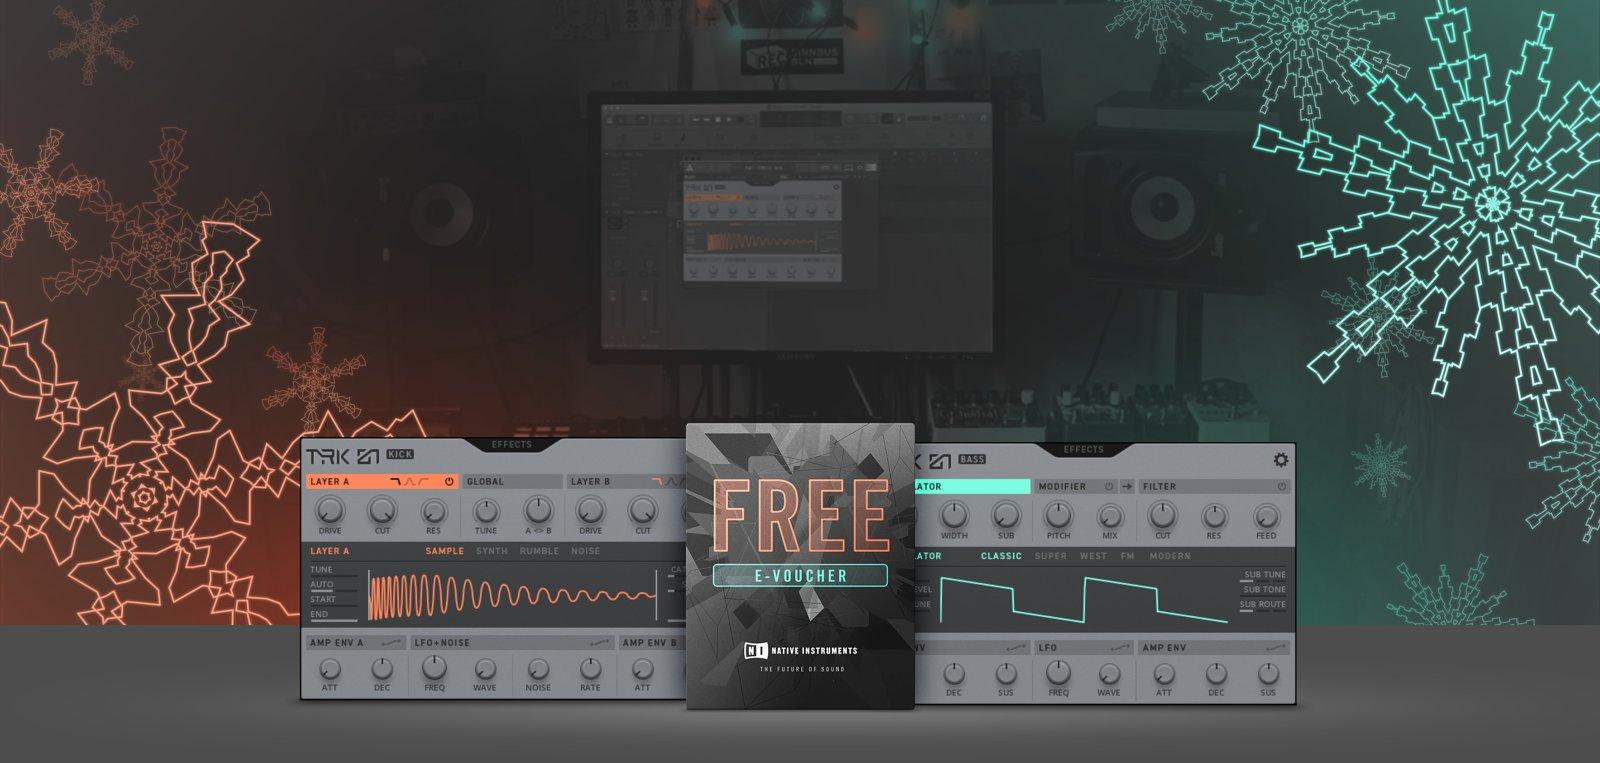 [Native Instruments] Kostenlos zwei Plug-Ins aus TRK-01 zum Downloaden | 25€ Gutschein für den NI Shop | Gewinnspiel